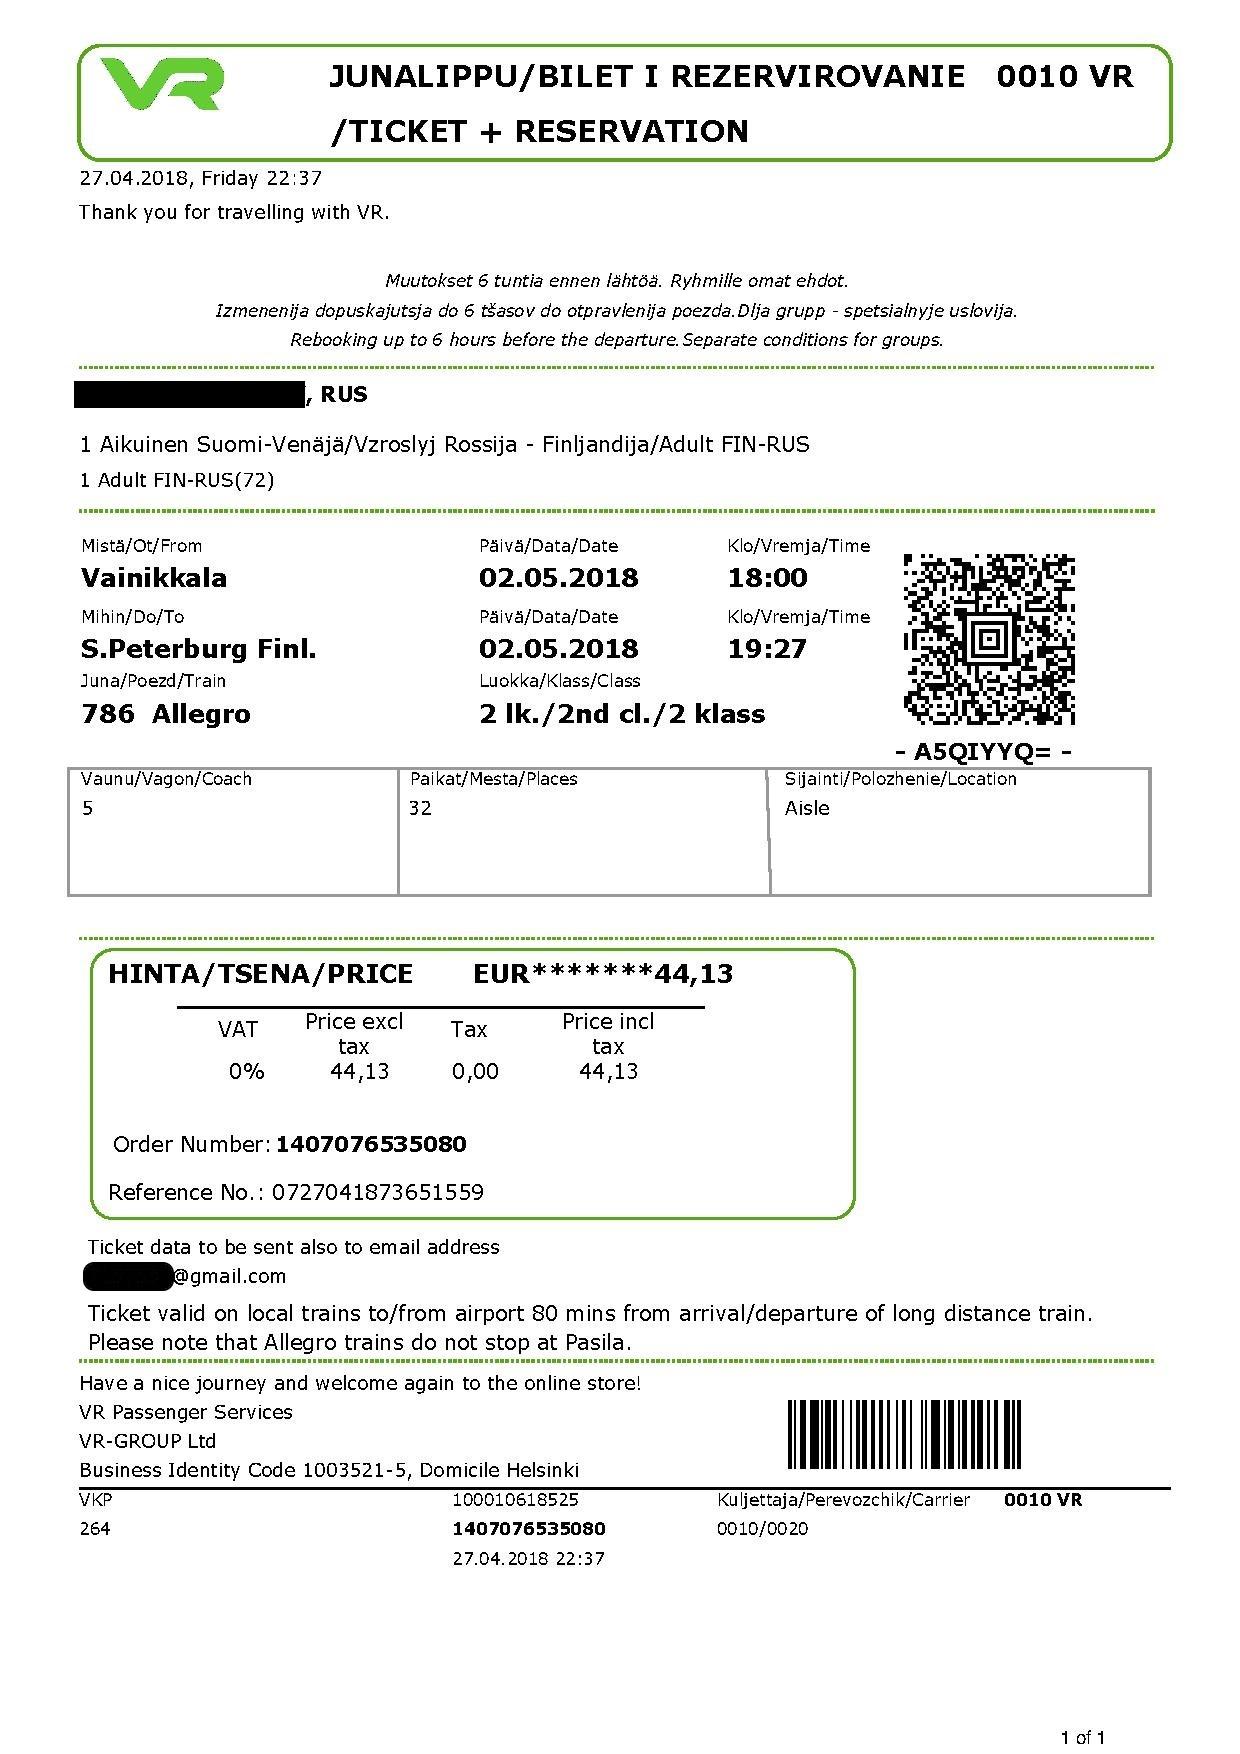 Железнодорожный билет на поезд Аллегро, купленный в Finrail